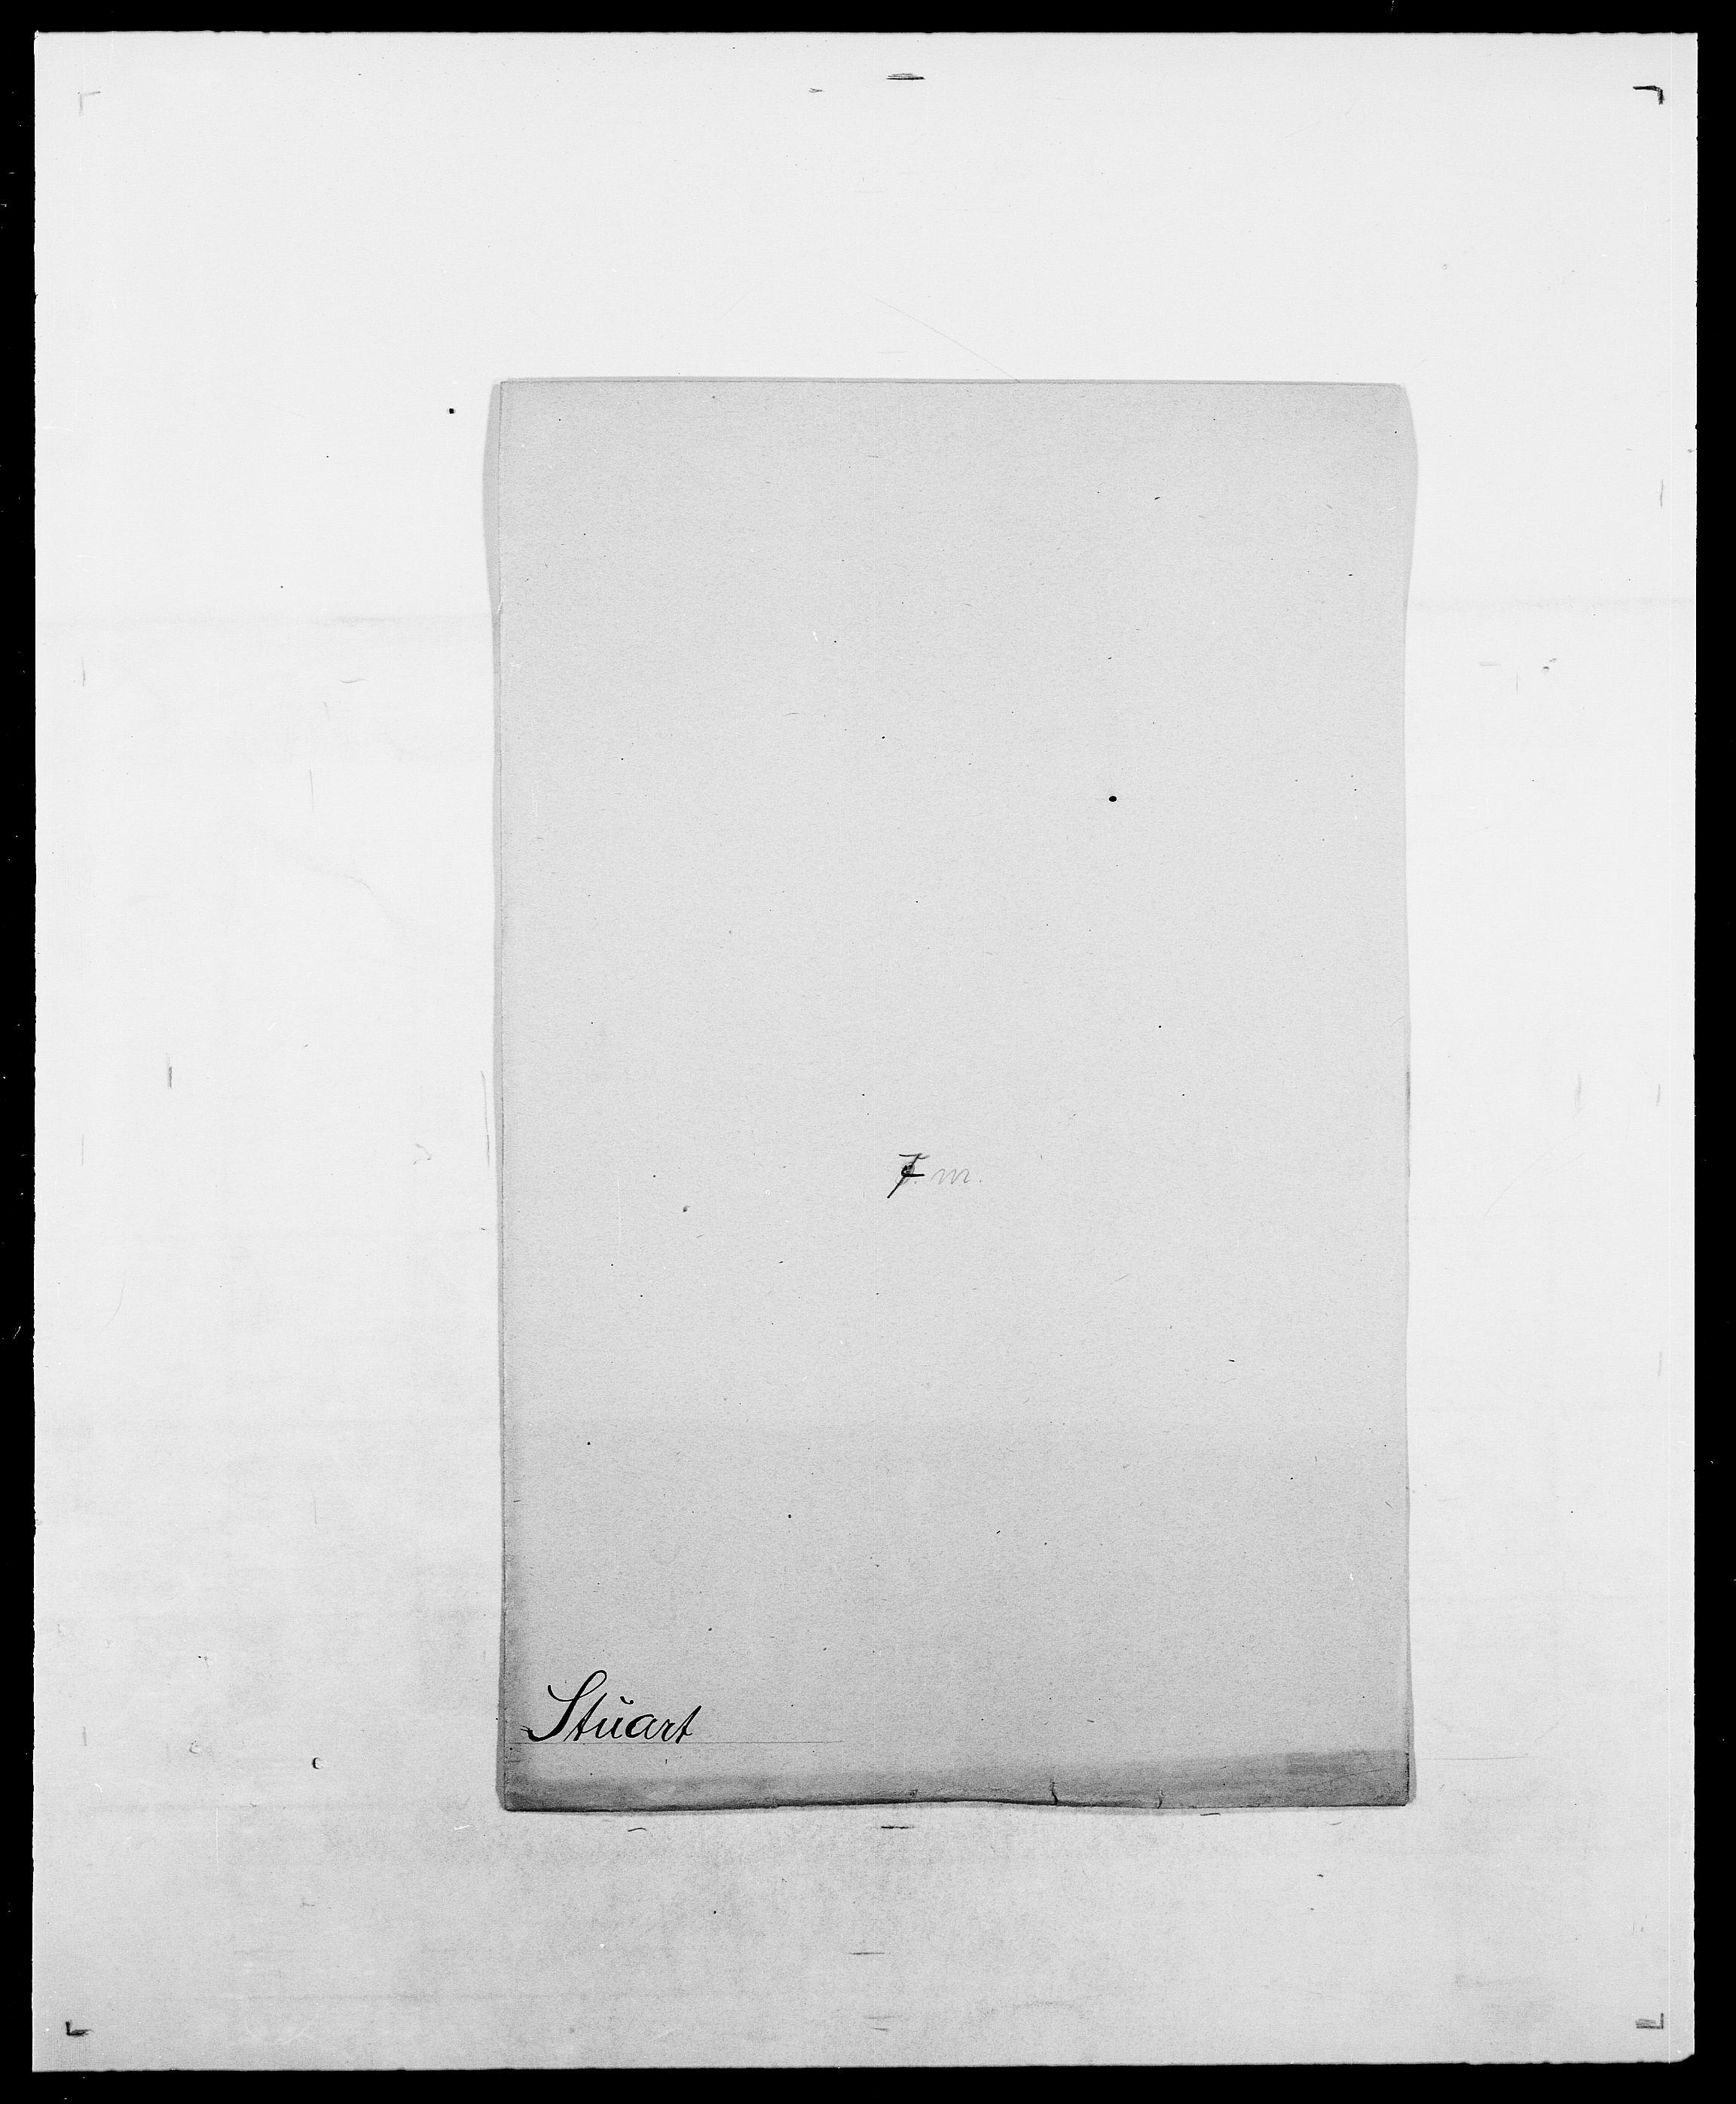 SAO, Delgobe, Charles Antoine - samling, D/Da/L0037: Steen, Sthen, Stein - Svare, Svanige, Svanne, se også Svanning og Schwane, s. 721